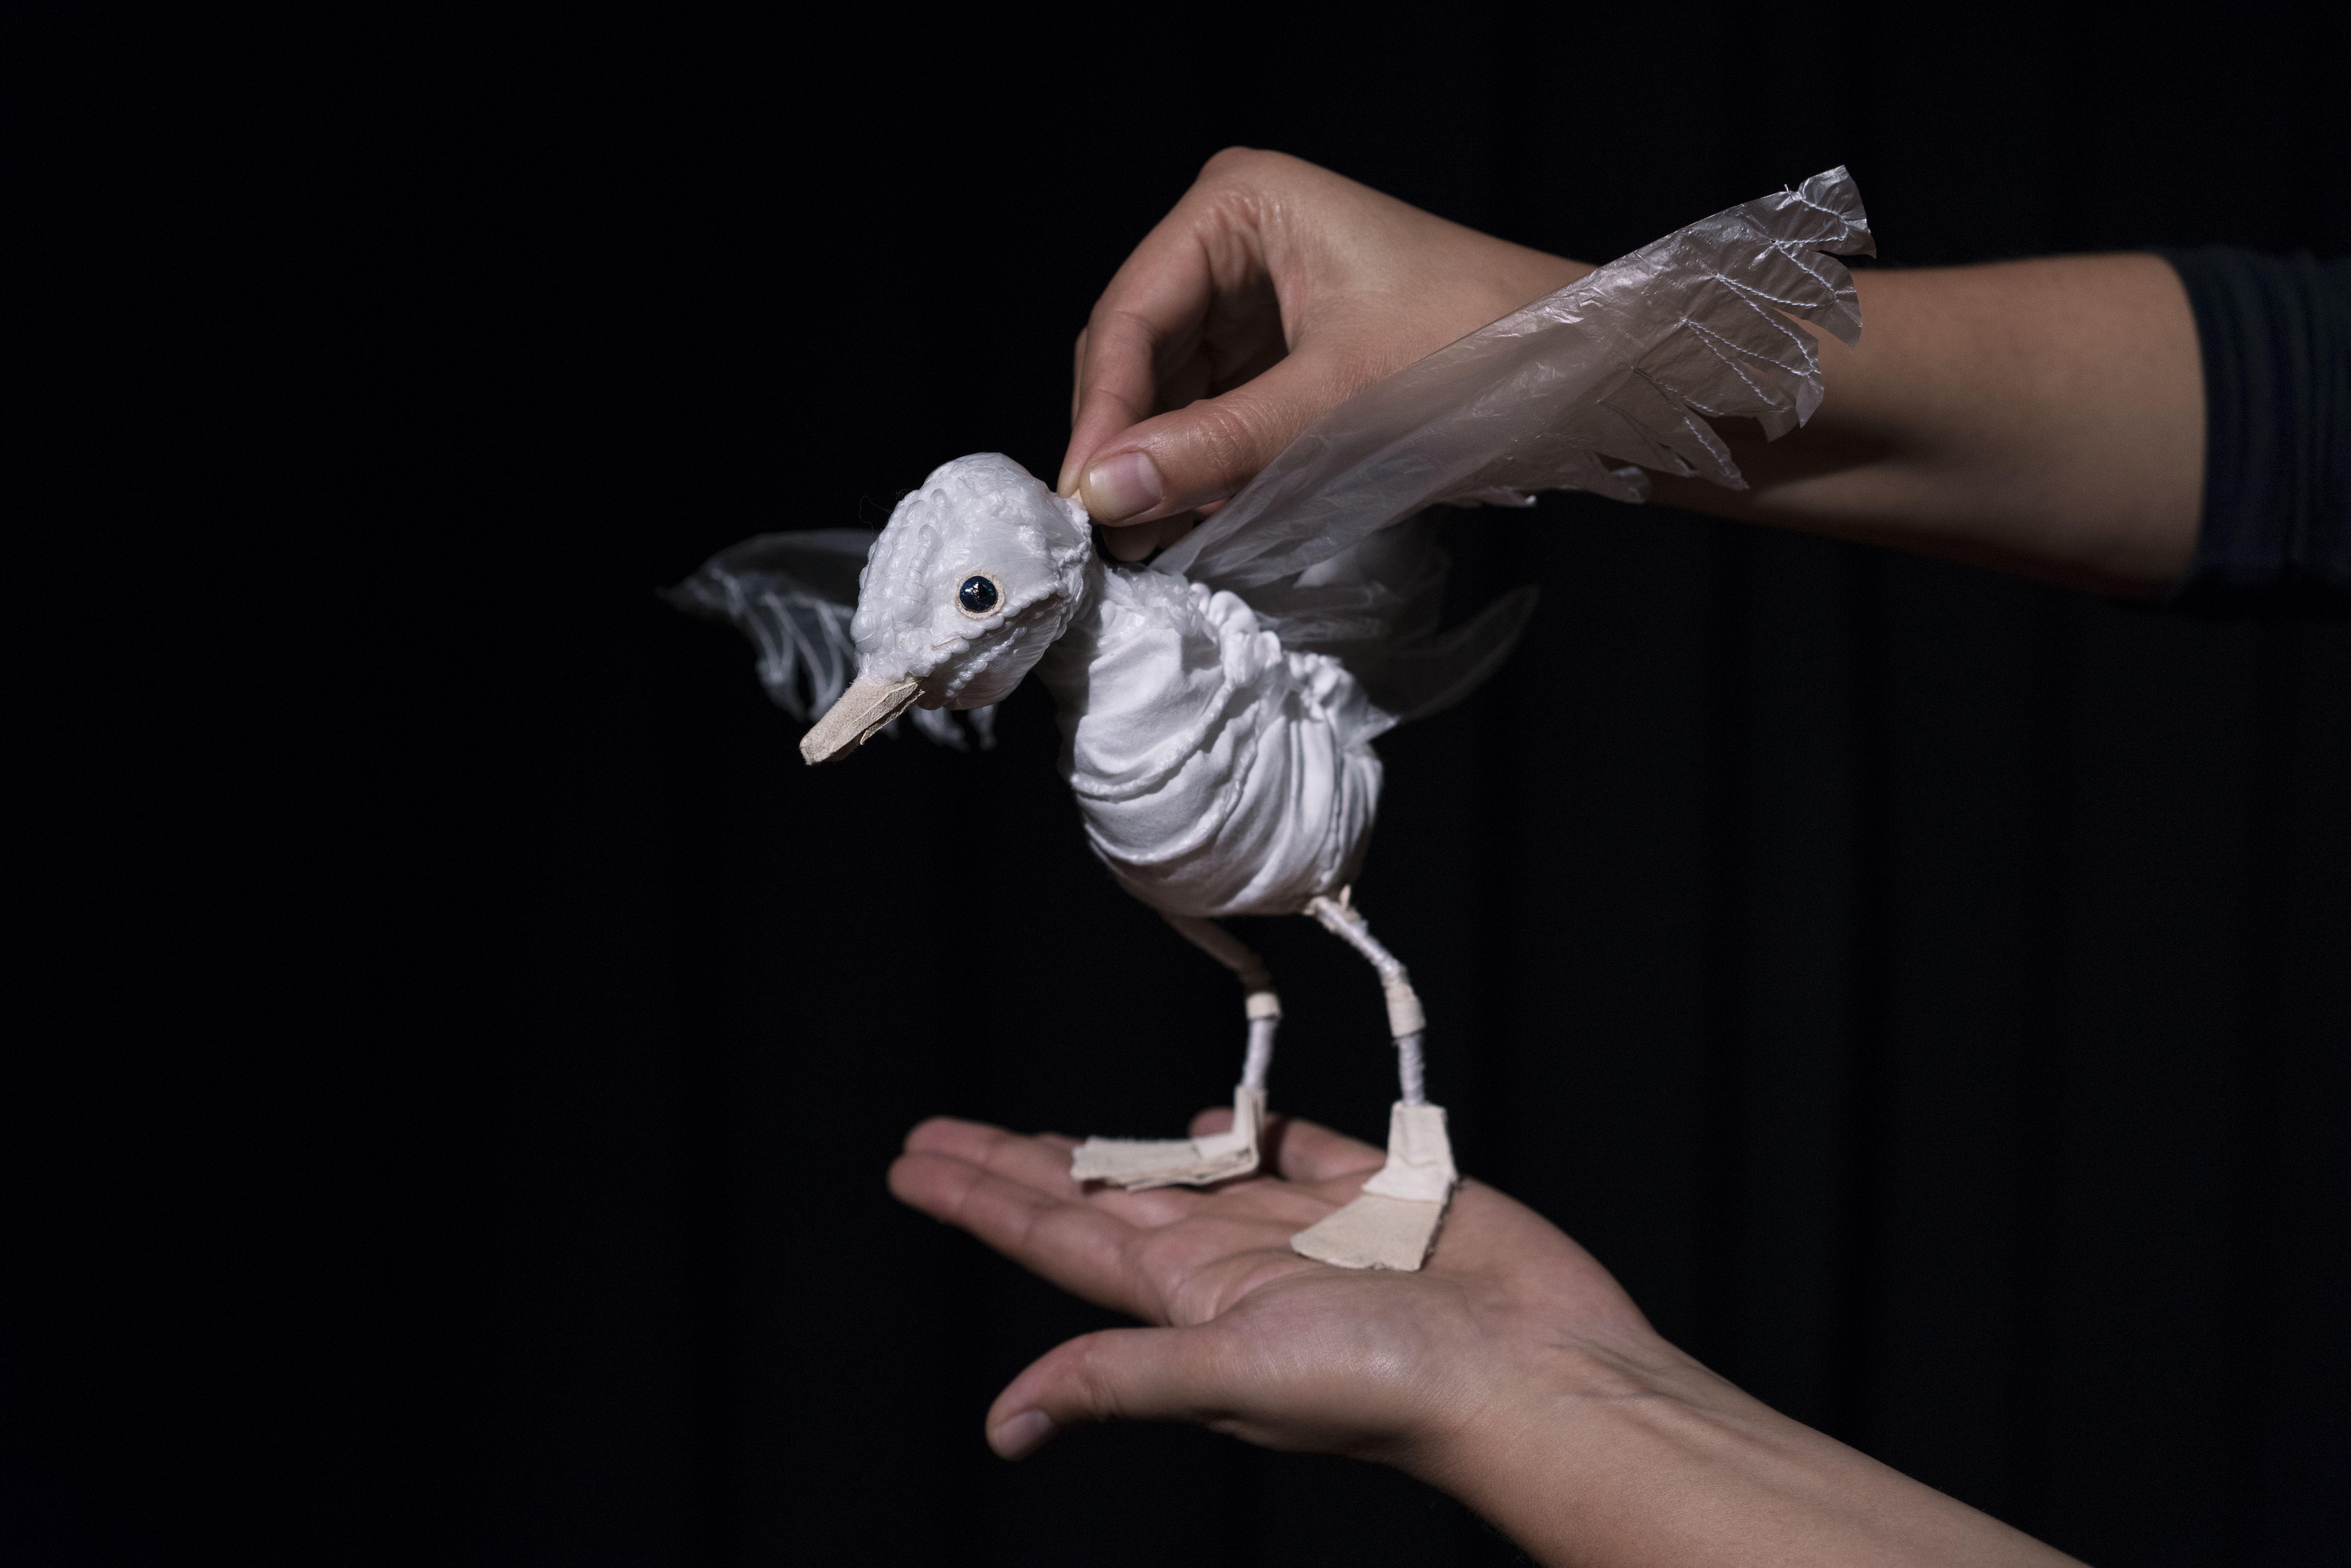 Die-Kater-Zorbas-der-kleinen-Möwe-das-Fliegen-beibrachte